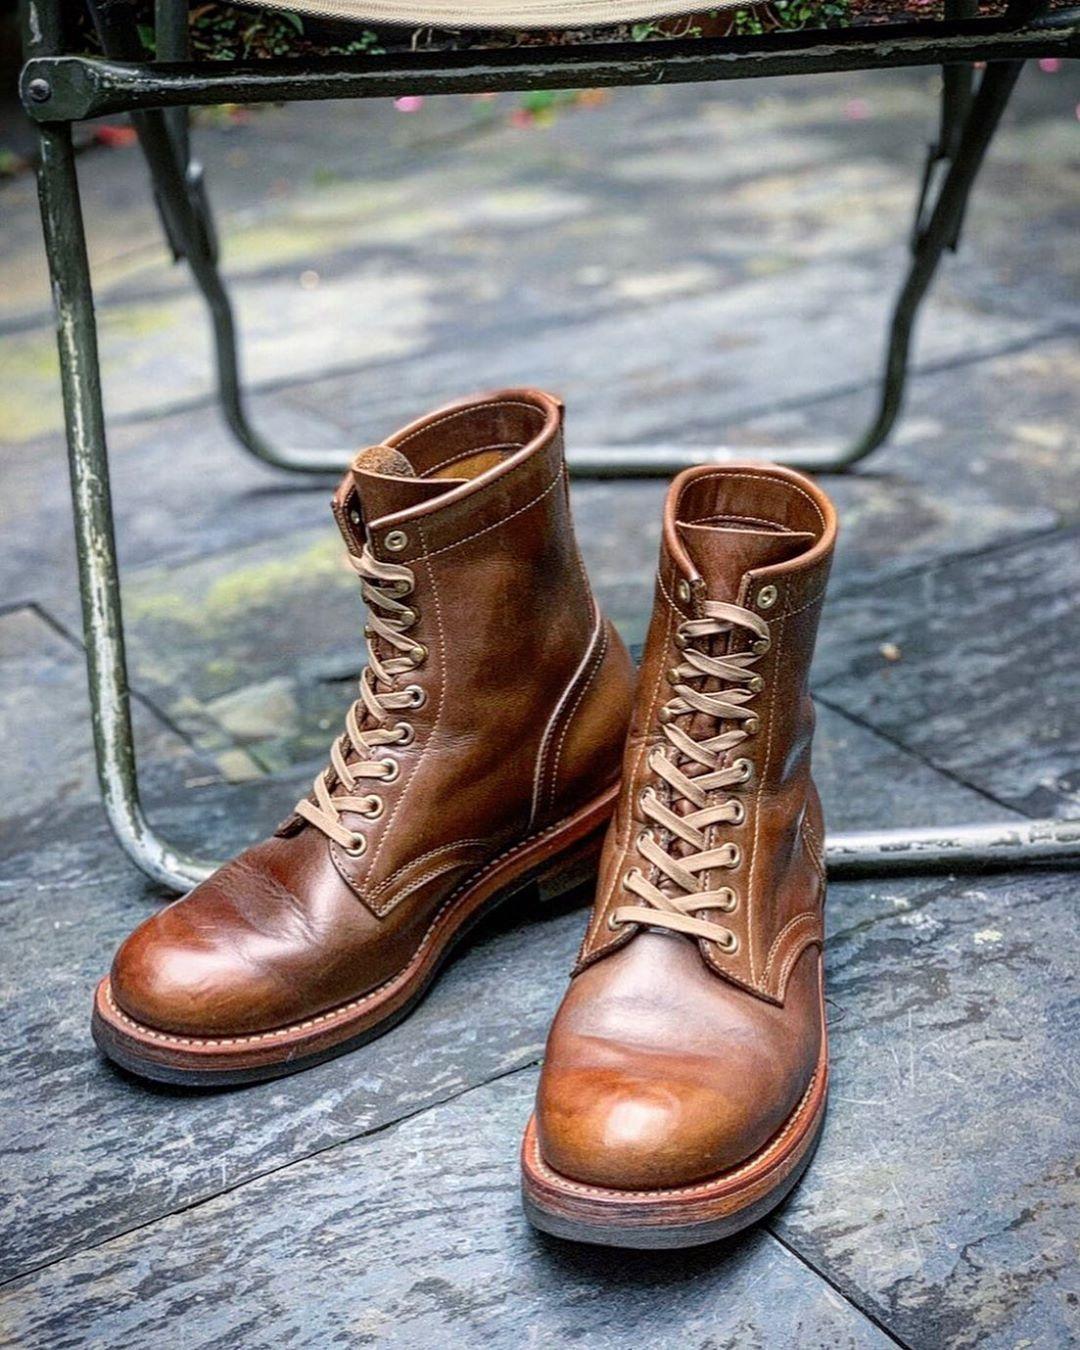 """MOTOSTYLE-STORE on Instagram: """"– お客様のブーツをお手入れしました。 − MOTOR クロムエクセル レースアップブーツ  ナチュラル – 約2年の着用で、アッパーの革は柔らかく、 ソールも良い感じに馴染んでいました。 – ウイスキーカラーのエイジングは、 クロムエクセル・ナチュラルカラーならではです。 –…"""""""